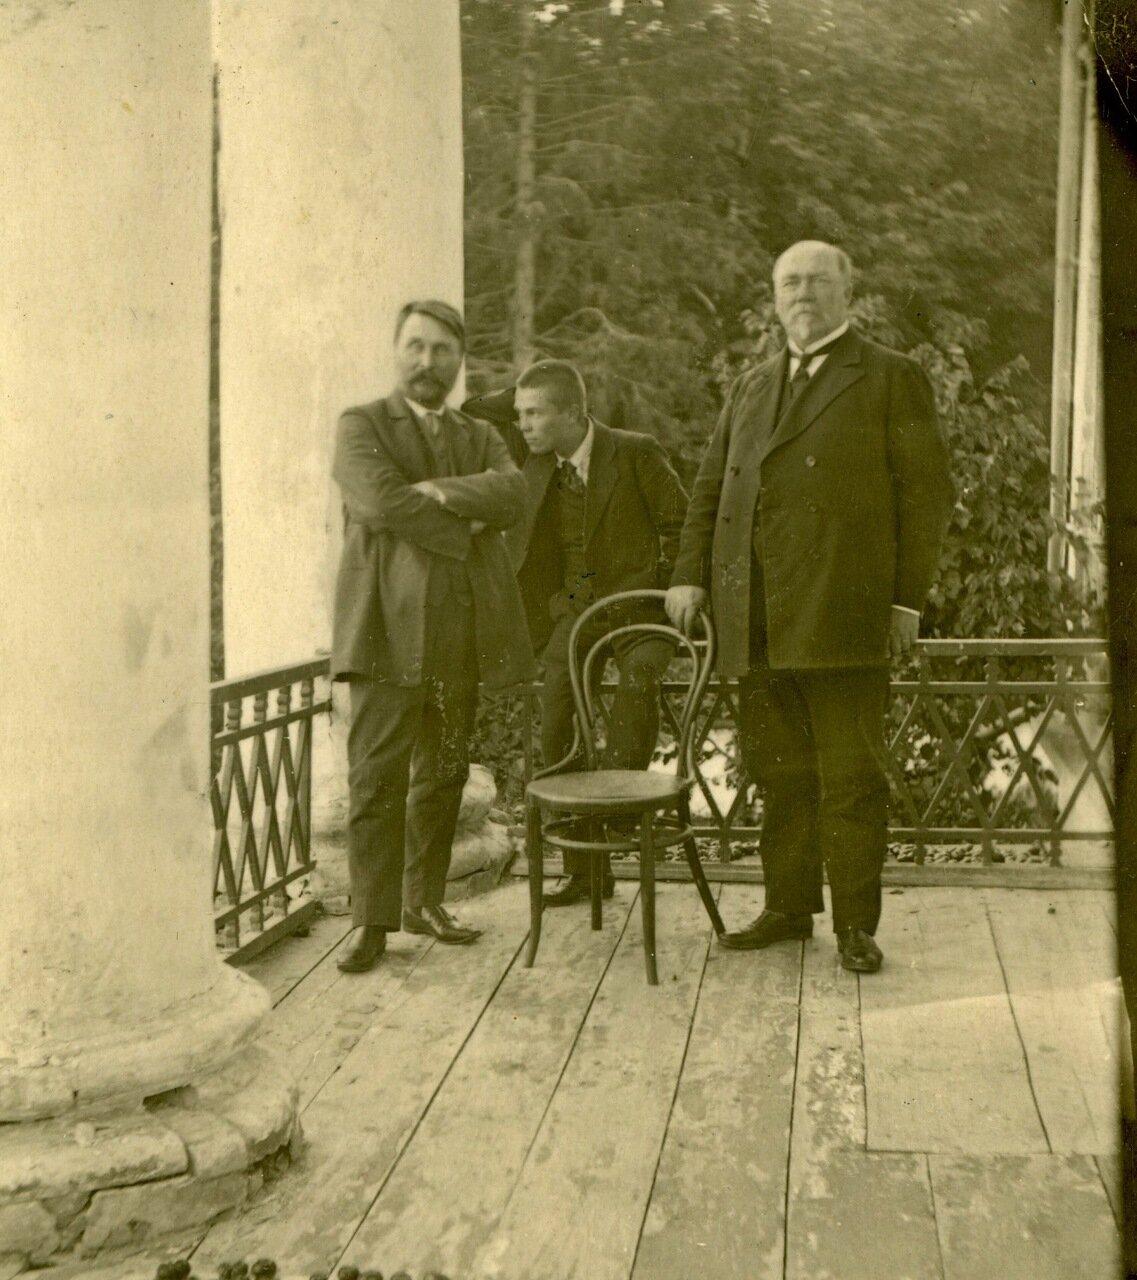 Заводчик Сергей Сергеевич Баранов (слева) с сыном Александром и Никитой Гавриловичем Барановым (справа) на веранде